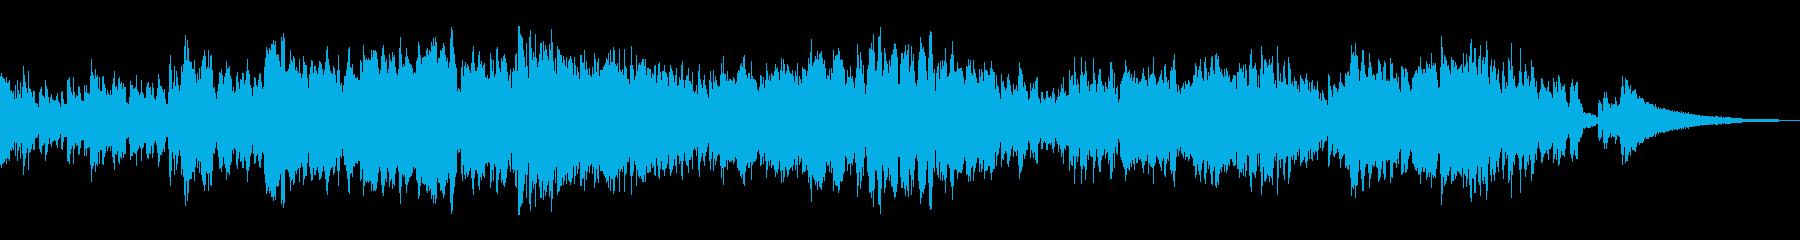 楽しいボサノバの再生済みの波形